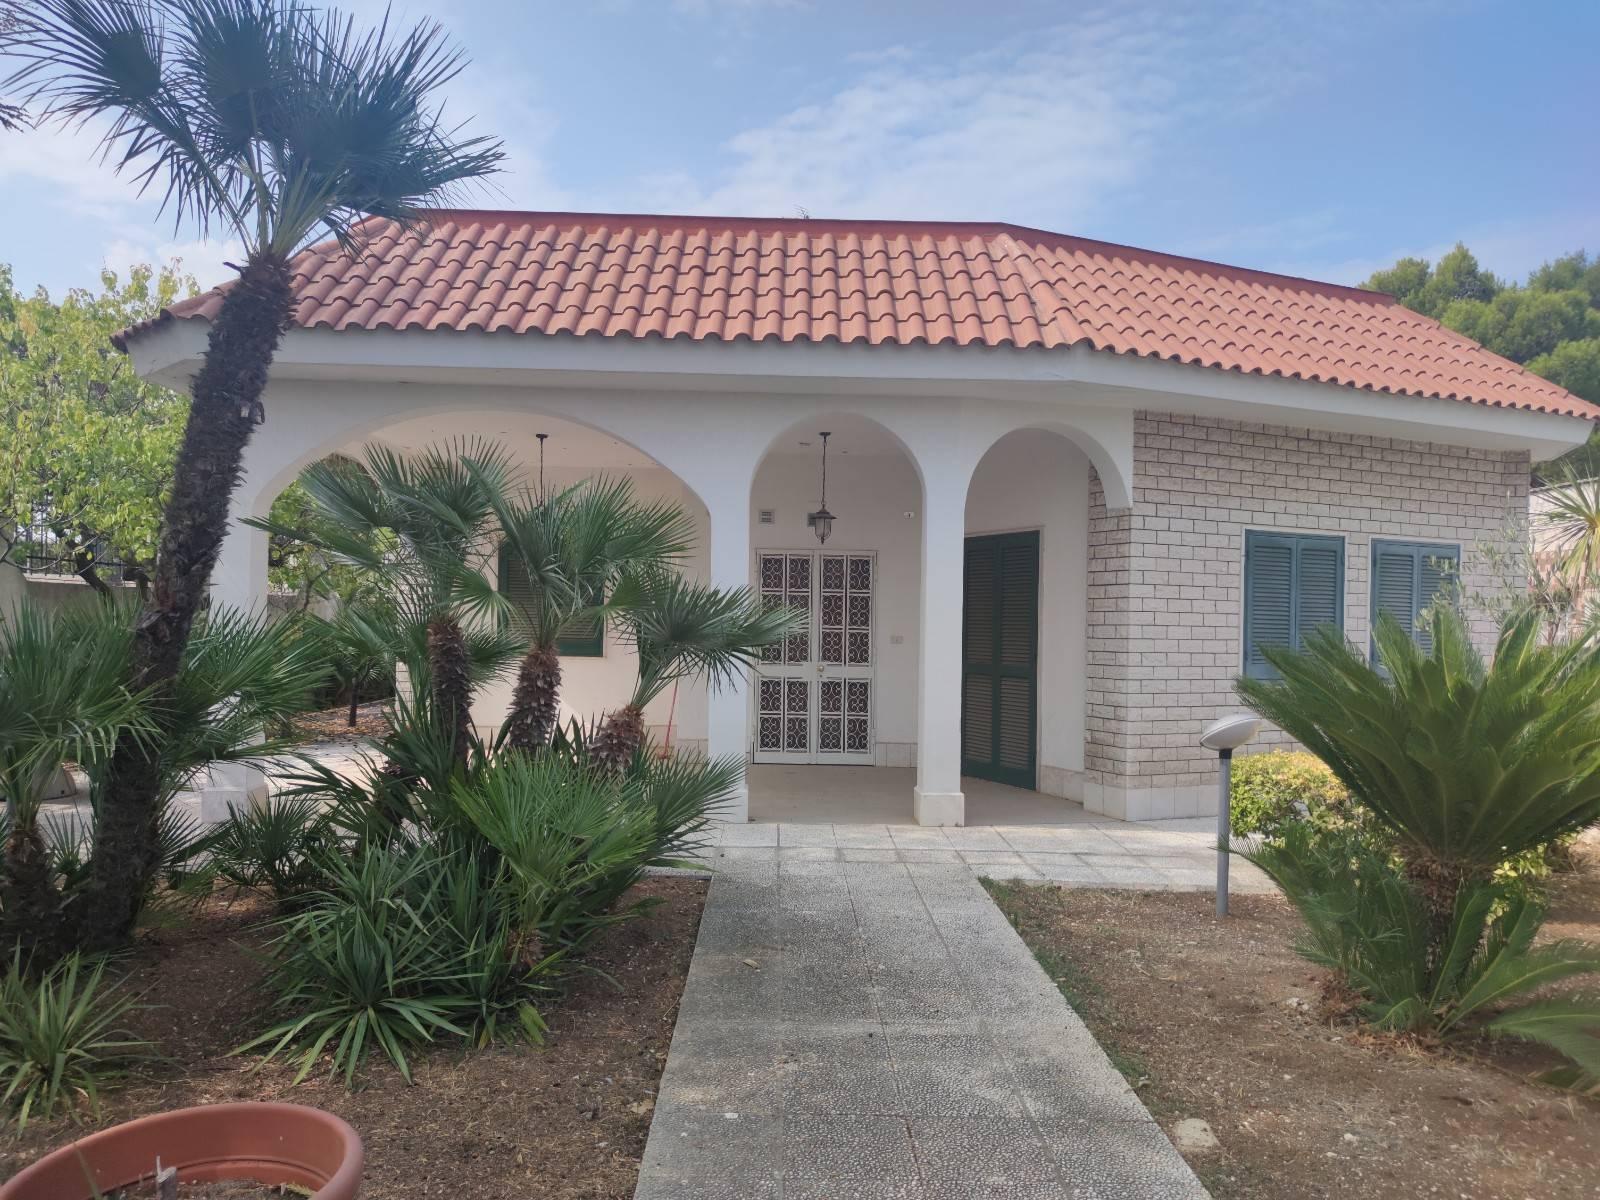 Villa in vendita a Giovinazzo, 5 locali, prezzo € 350.000 | CambioCasa.it